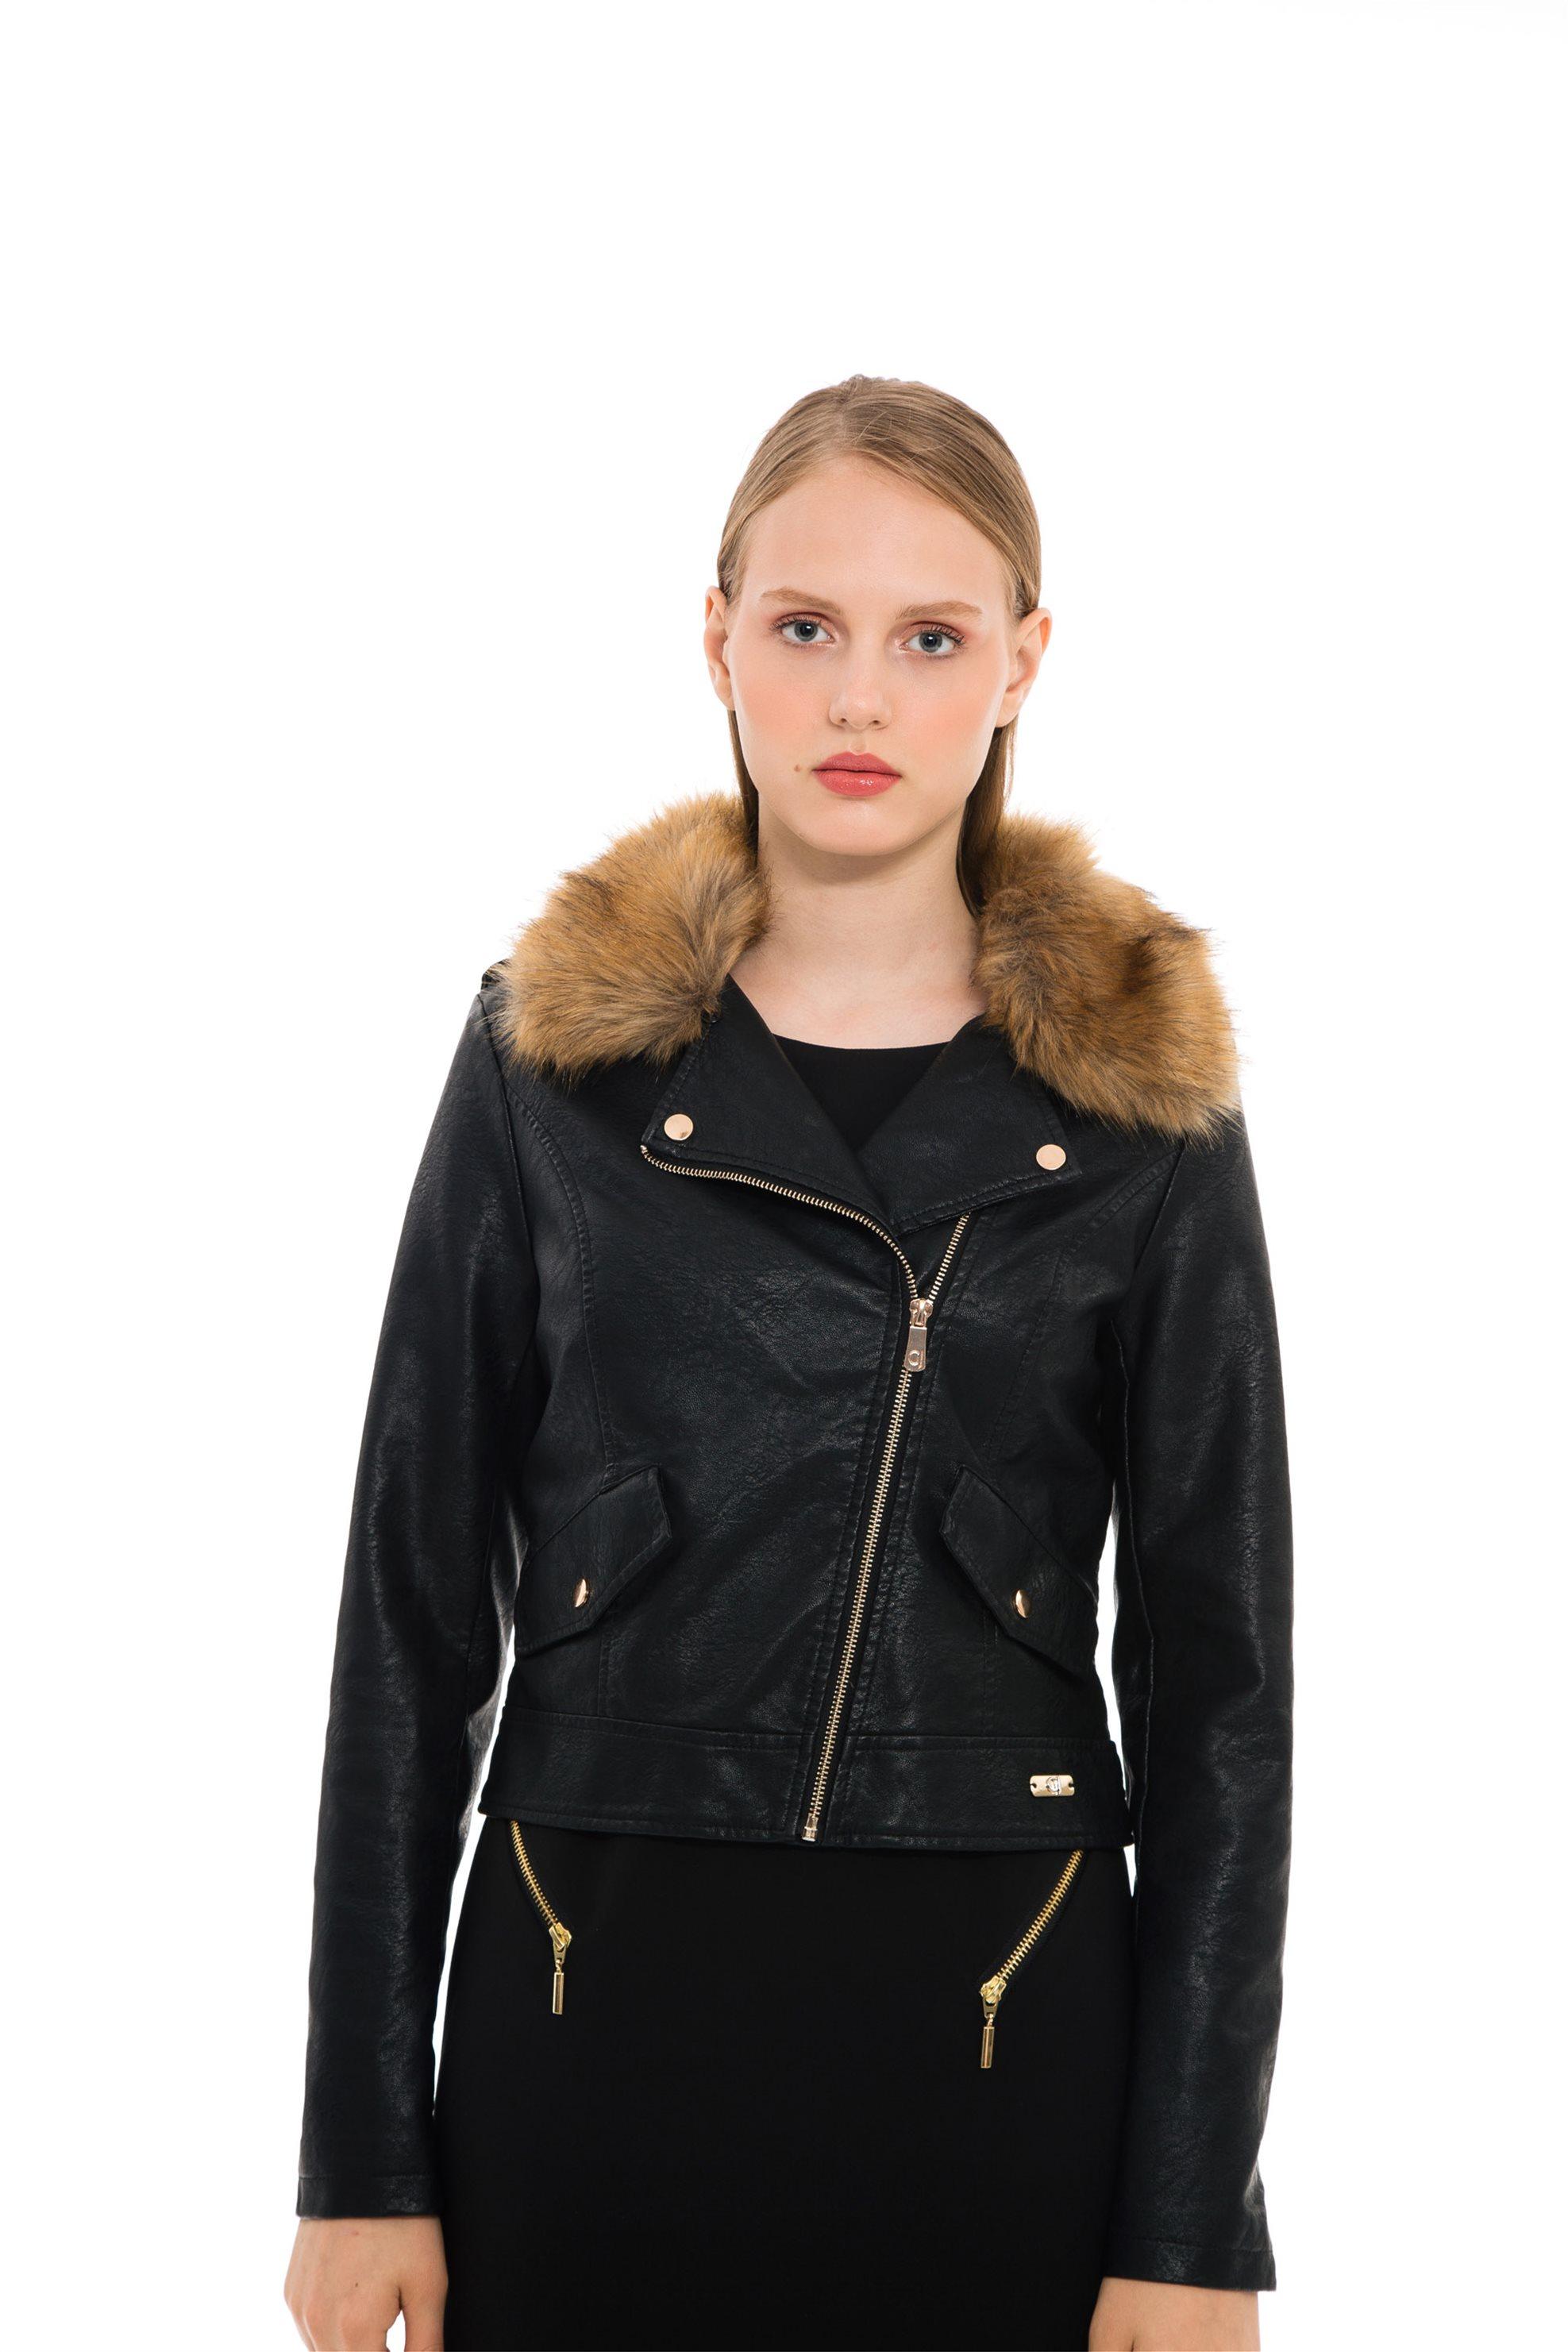 Gaudi γυναικείο faux δερμάτινο μπουφάν με γούνα στον γιακά - 821BD38005 -  Μαύρο 10bf3234fd4